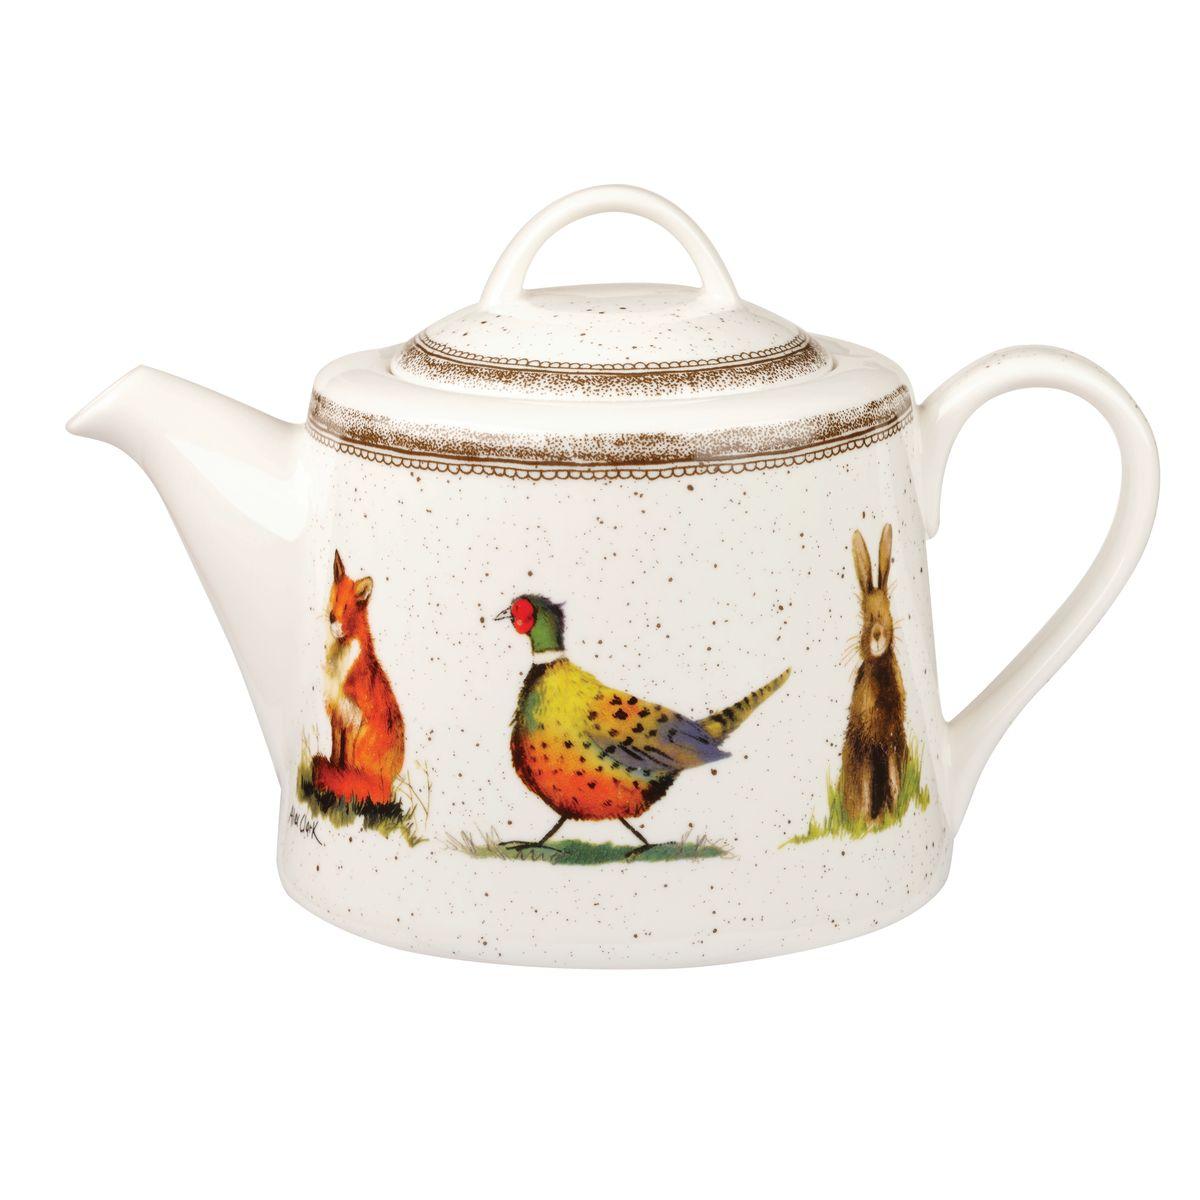 Чайник заварочный Churchill Живая природа, 850 млWL-994021 / 1CЧайник заварочный Churchill Живая природа выполнен из высококачественного фаянса и украшен оригинальным узором. Такой чайник отлично дополнит сервировку стола к чаепитию. Коллекция Живая природа - уникальное сочетание живой природы и прекрасных воспоминаний из детства. Легкий и простой дизайн с пастельными красками идеально подойдет для любой кухни.Можно мыть в посудомоечной машине. Можно использовать в микроволновой печи.